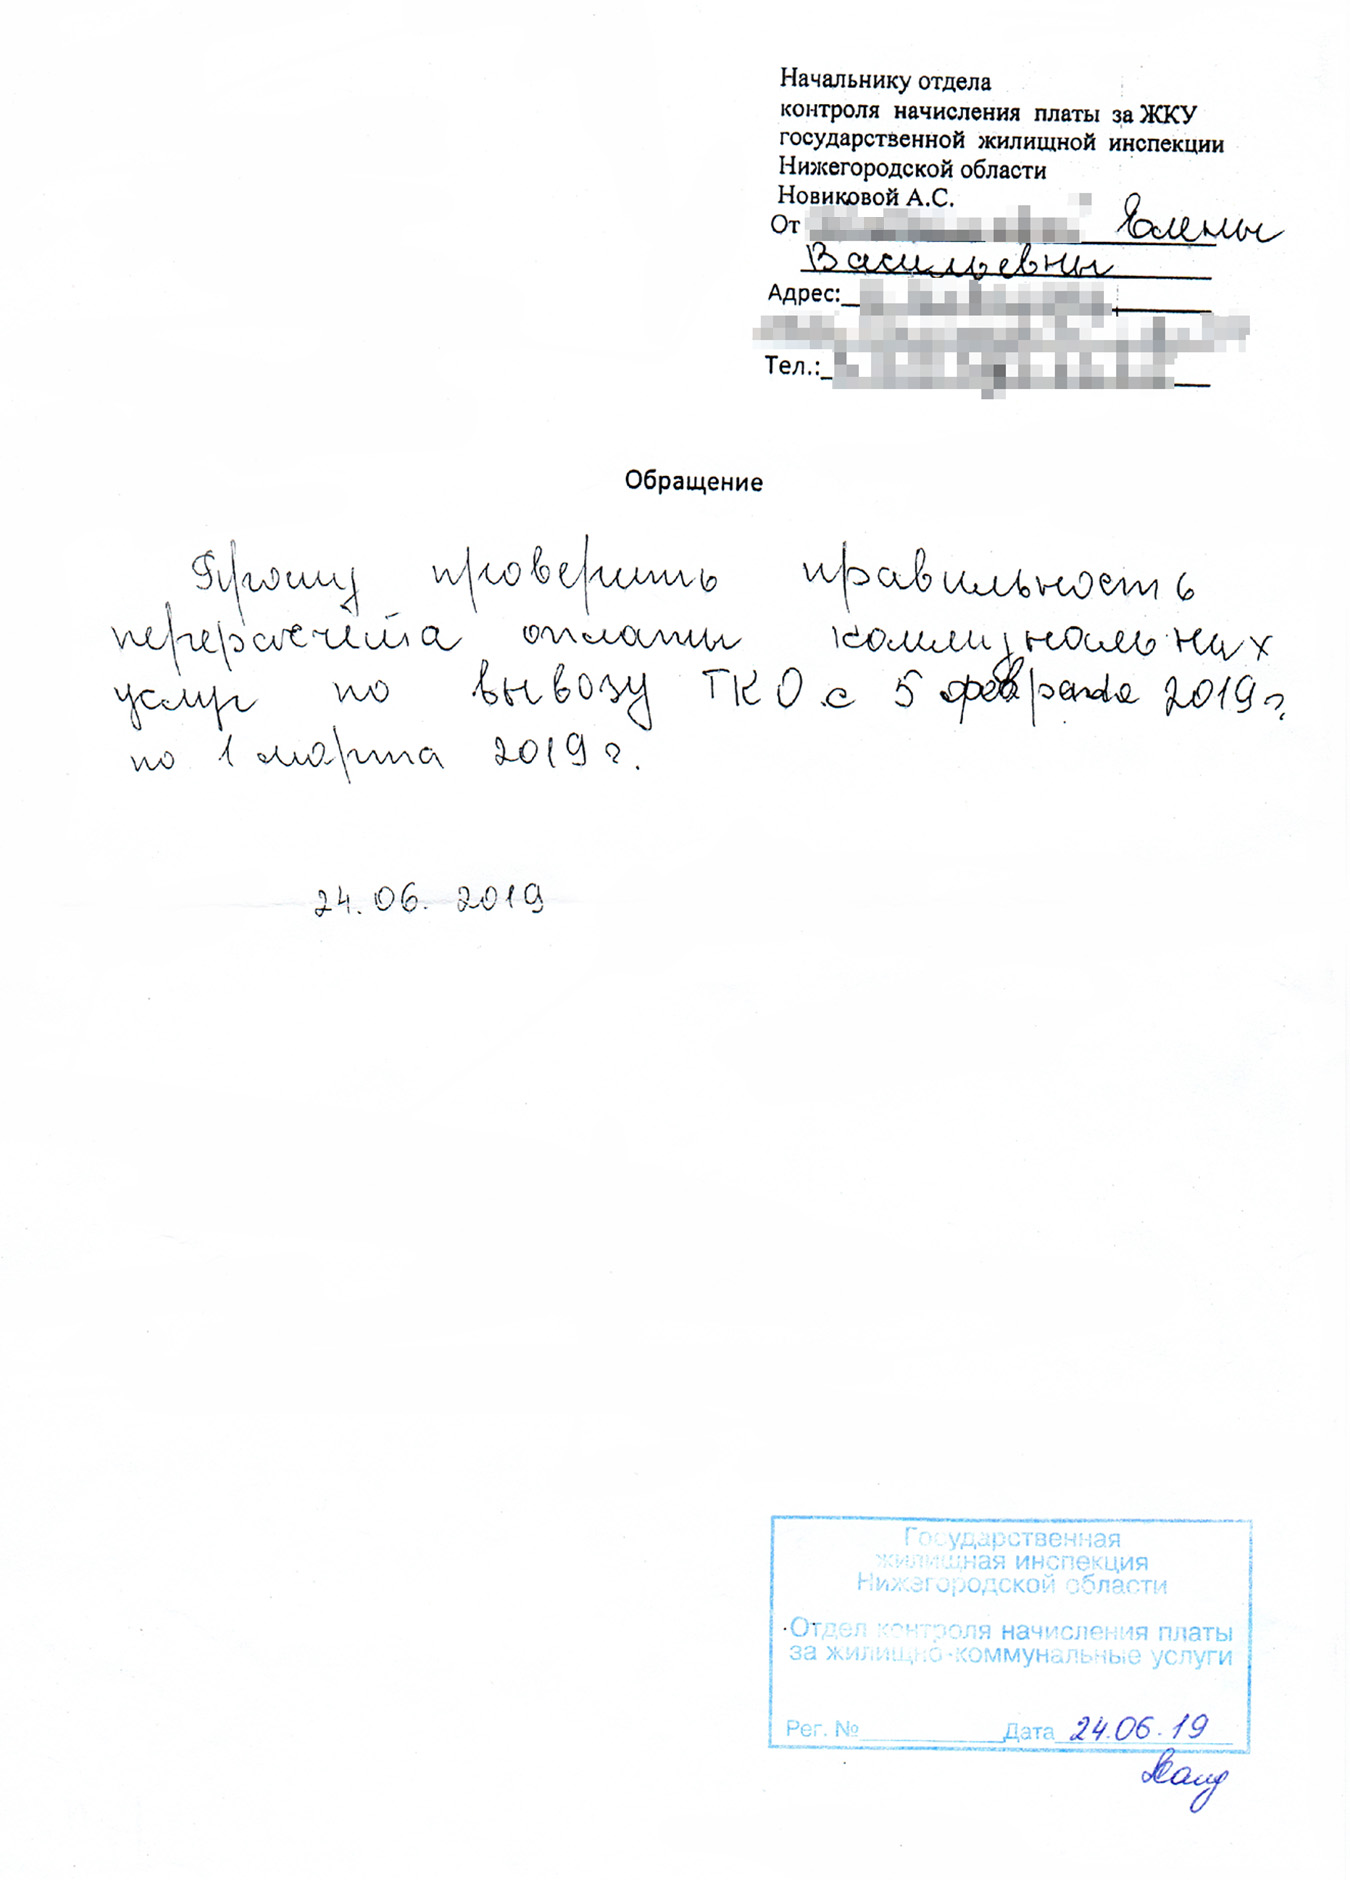 Заявление в жилищную инспекцию: прошу их проверить правильность перерасчета, который выполнила ООО «Нижэкология-НН»